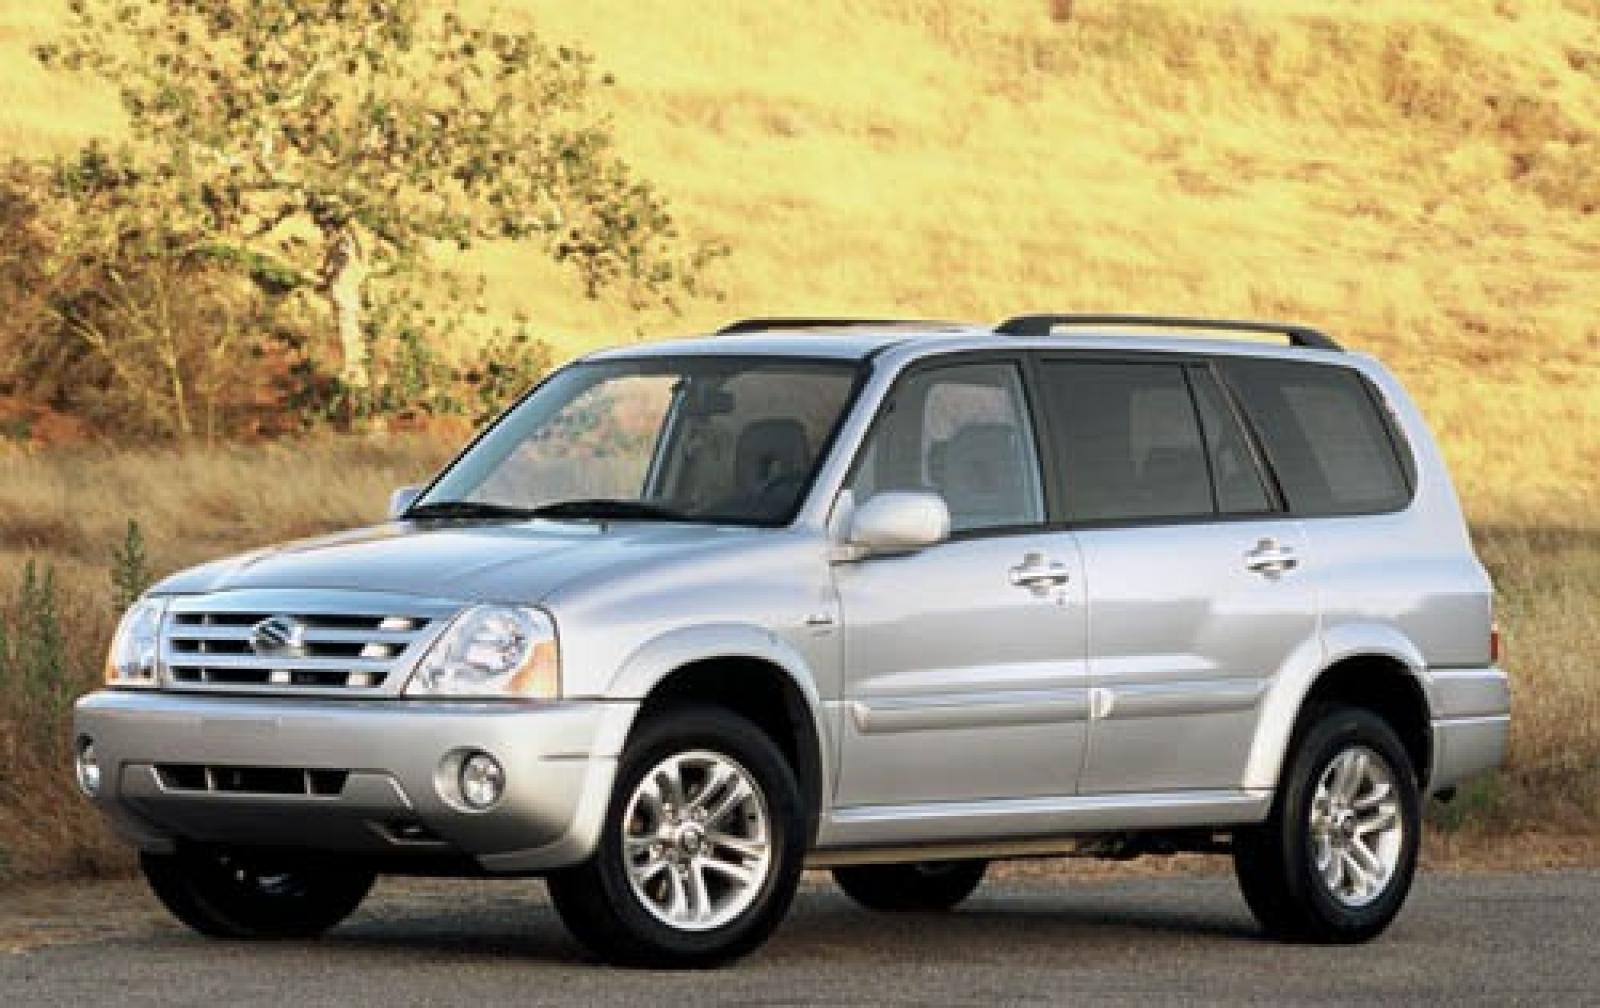 2004 suzuki xl 7 reviews - 2006 Suzuki Xl 7 1 800 1024 1280 1600 Origin